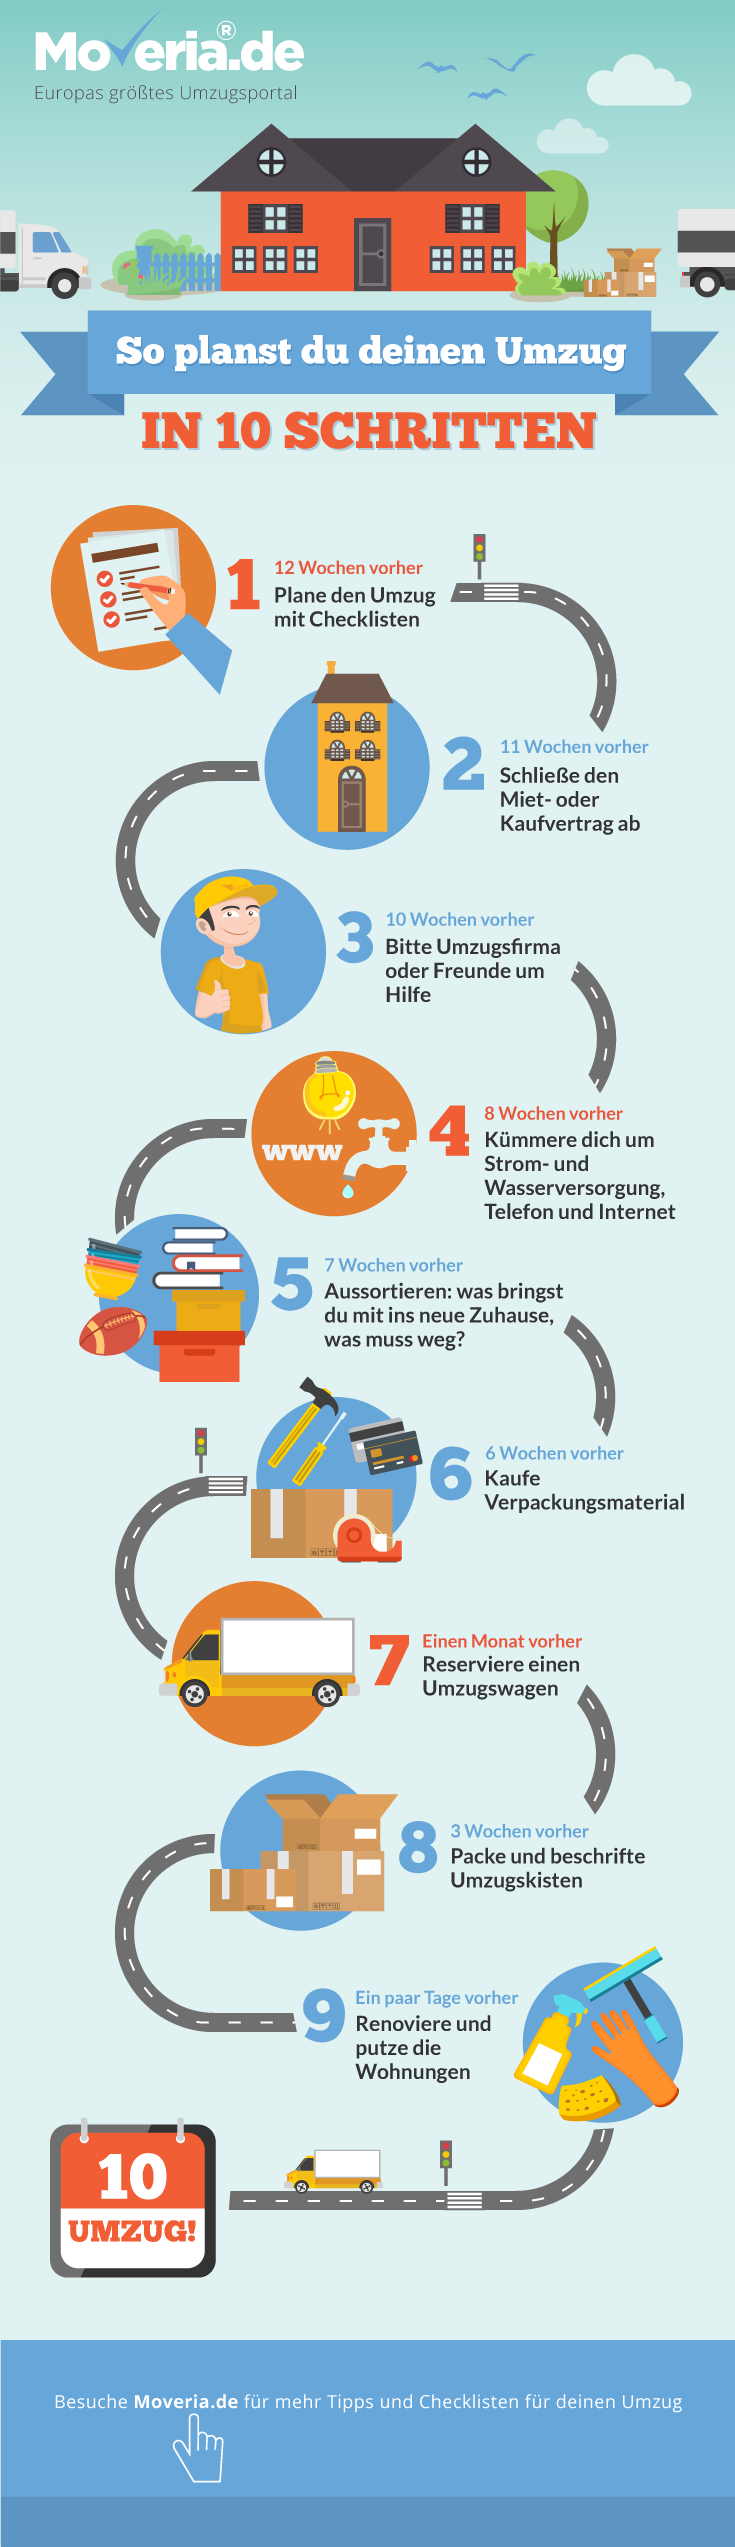 Infografik Umzug organisieren